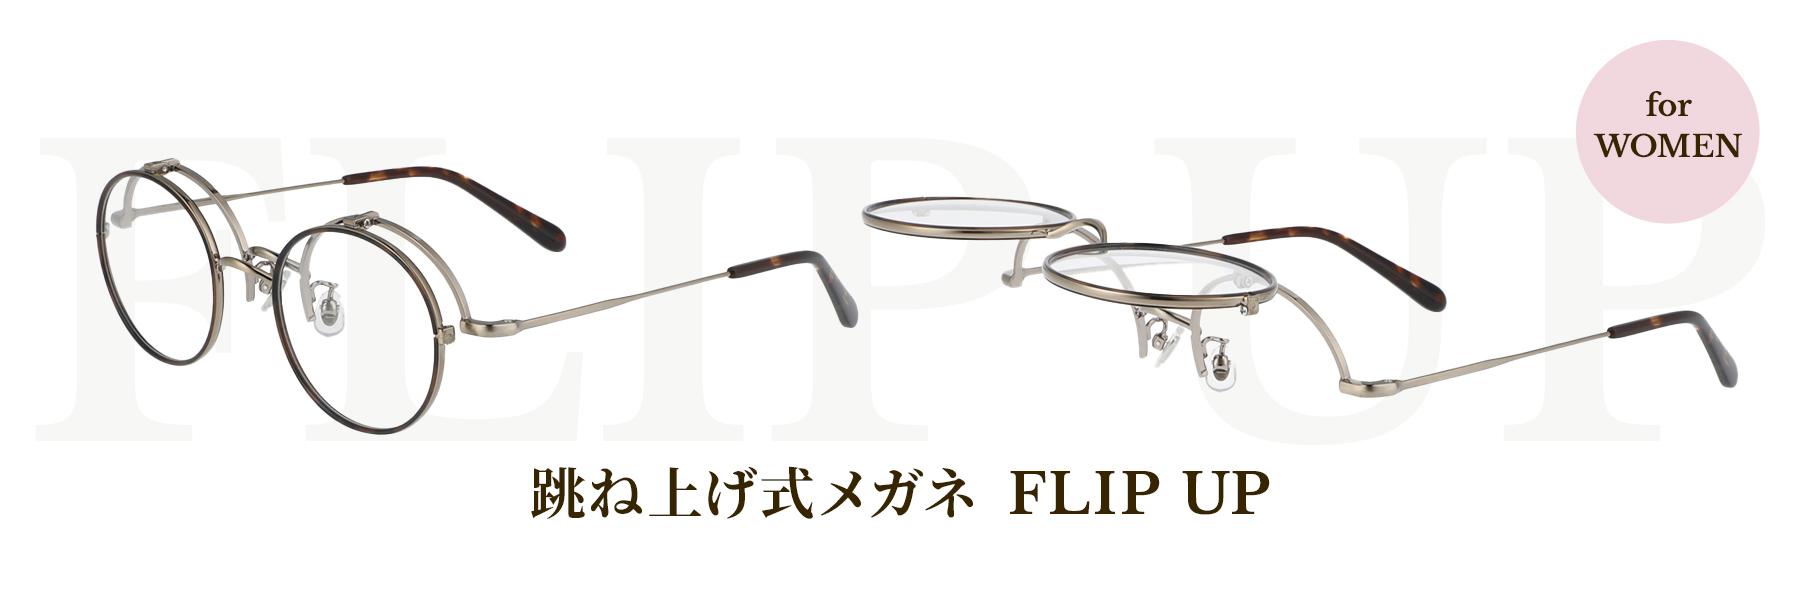 かけはずし不要で手元が見やすい、跳ね上げ式メガネ「FLIP UP」に女性でもかけやすいクラシックモデルが登場。